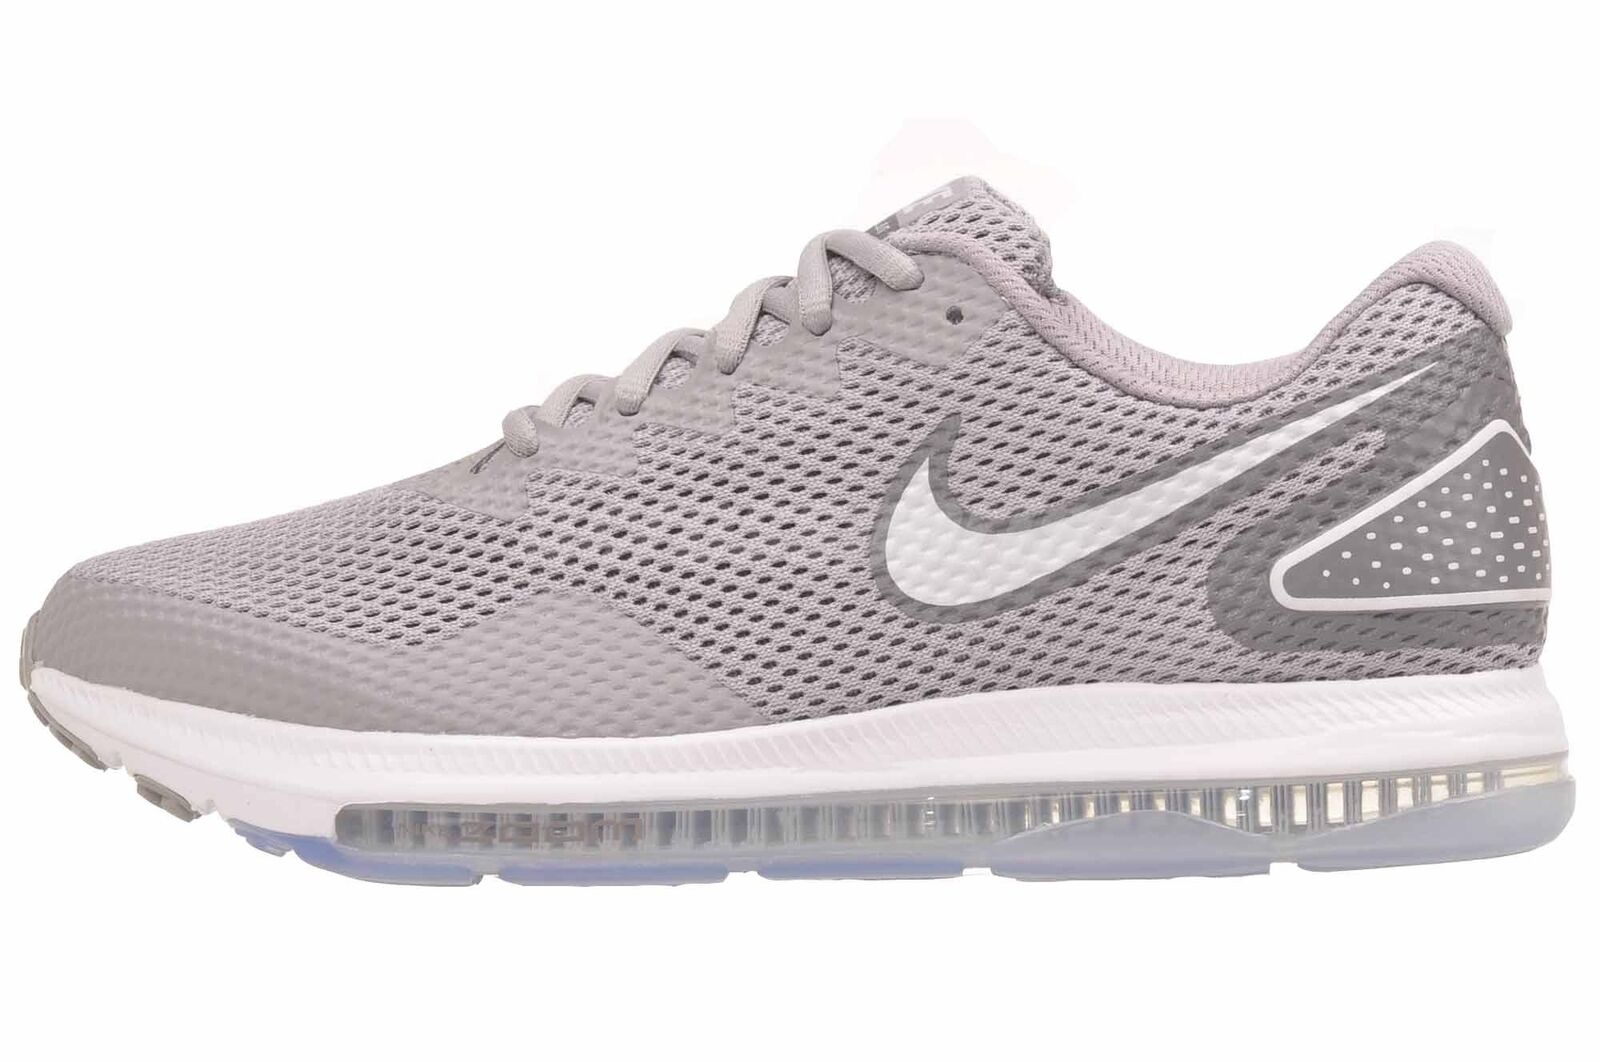 Nike Nike Nike wmns zoom tutti bassi 2 in donne scarpe grigio aj0036-007 | Materiali Di Alta Qualità  | Scolaro/Ragazze Scarpa  581b26